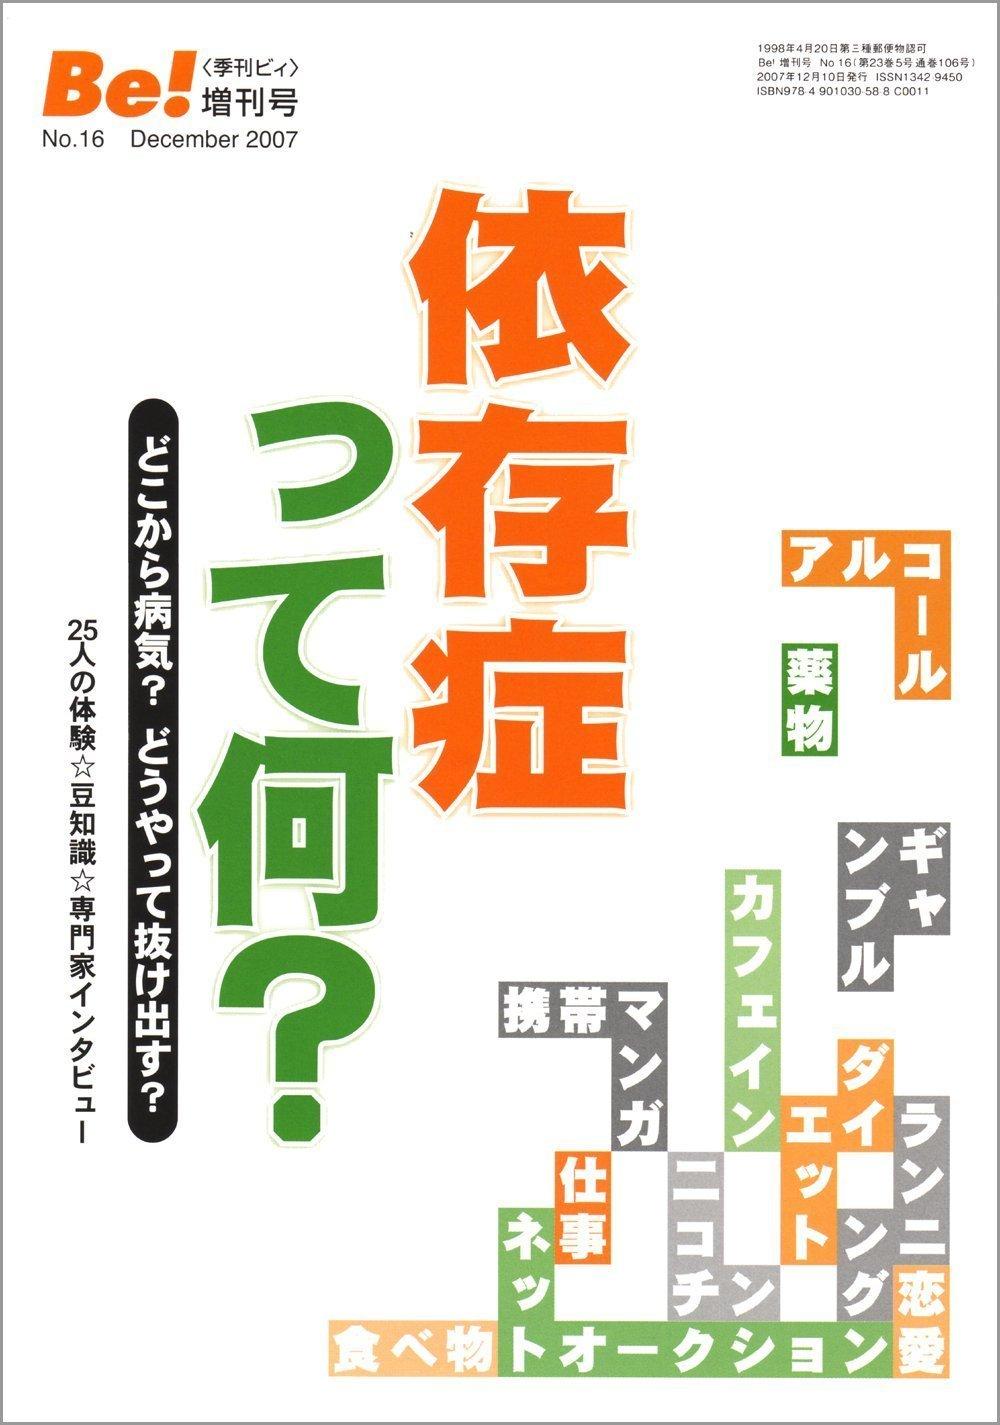 Izonshō tte nani : dokokara byōki dōyatte nukedasu nijūgonin no taiken mamechishiki senmonka intabyū PDF